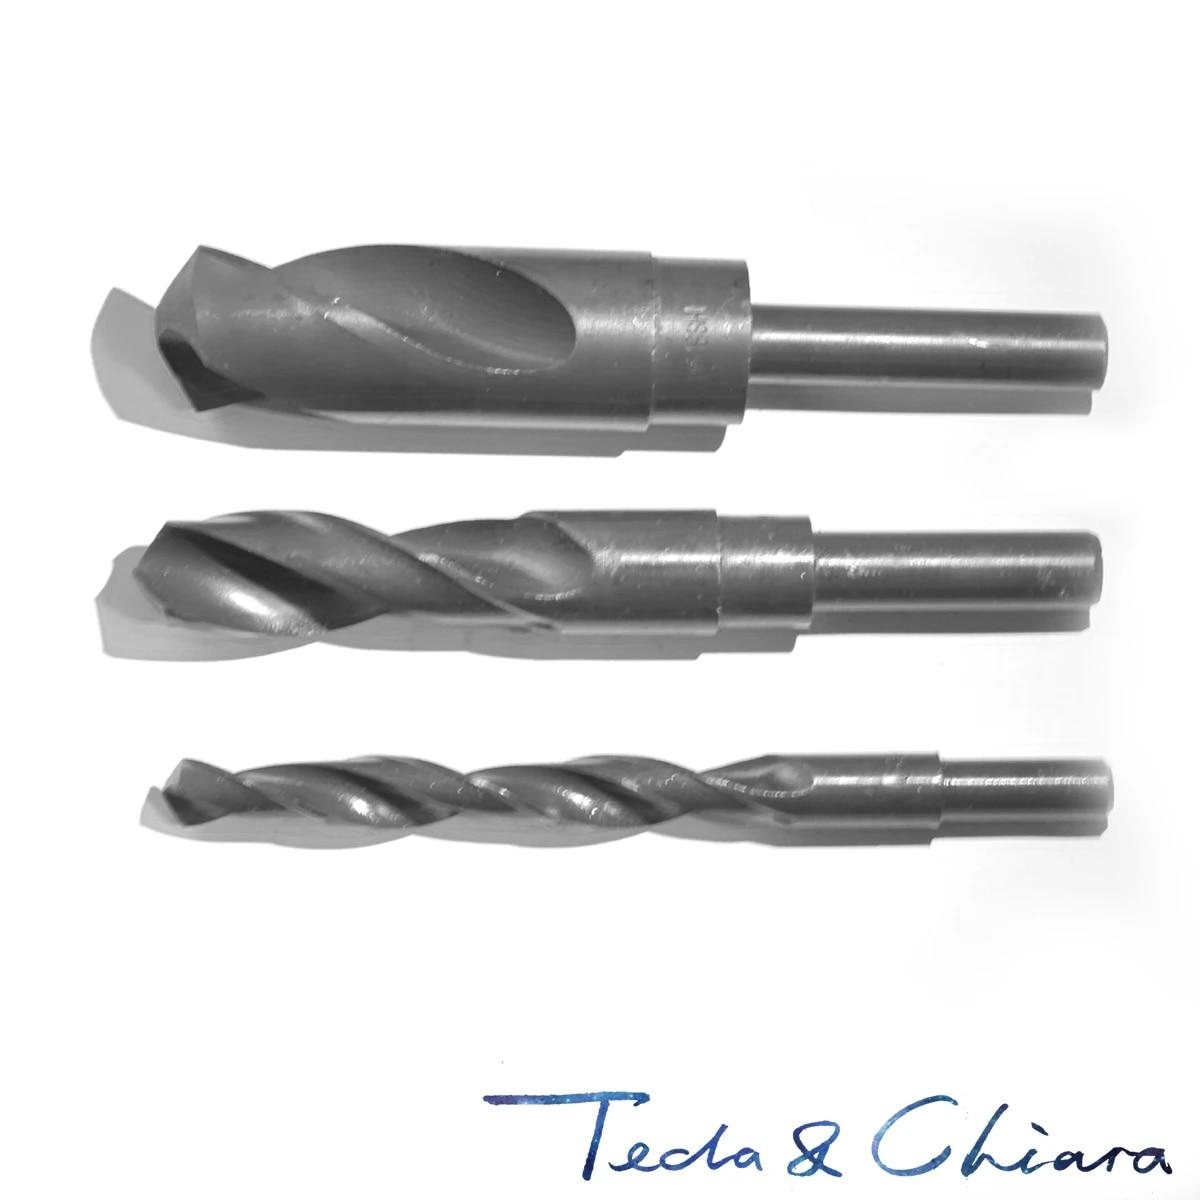 Dia Reduced Shank HSS Twist Drill Bit Hole Diameter : 23.5